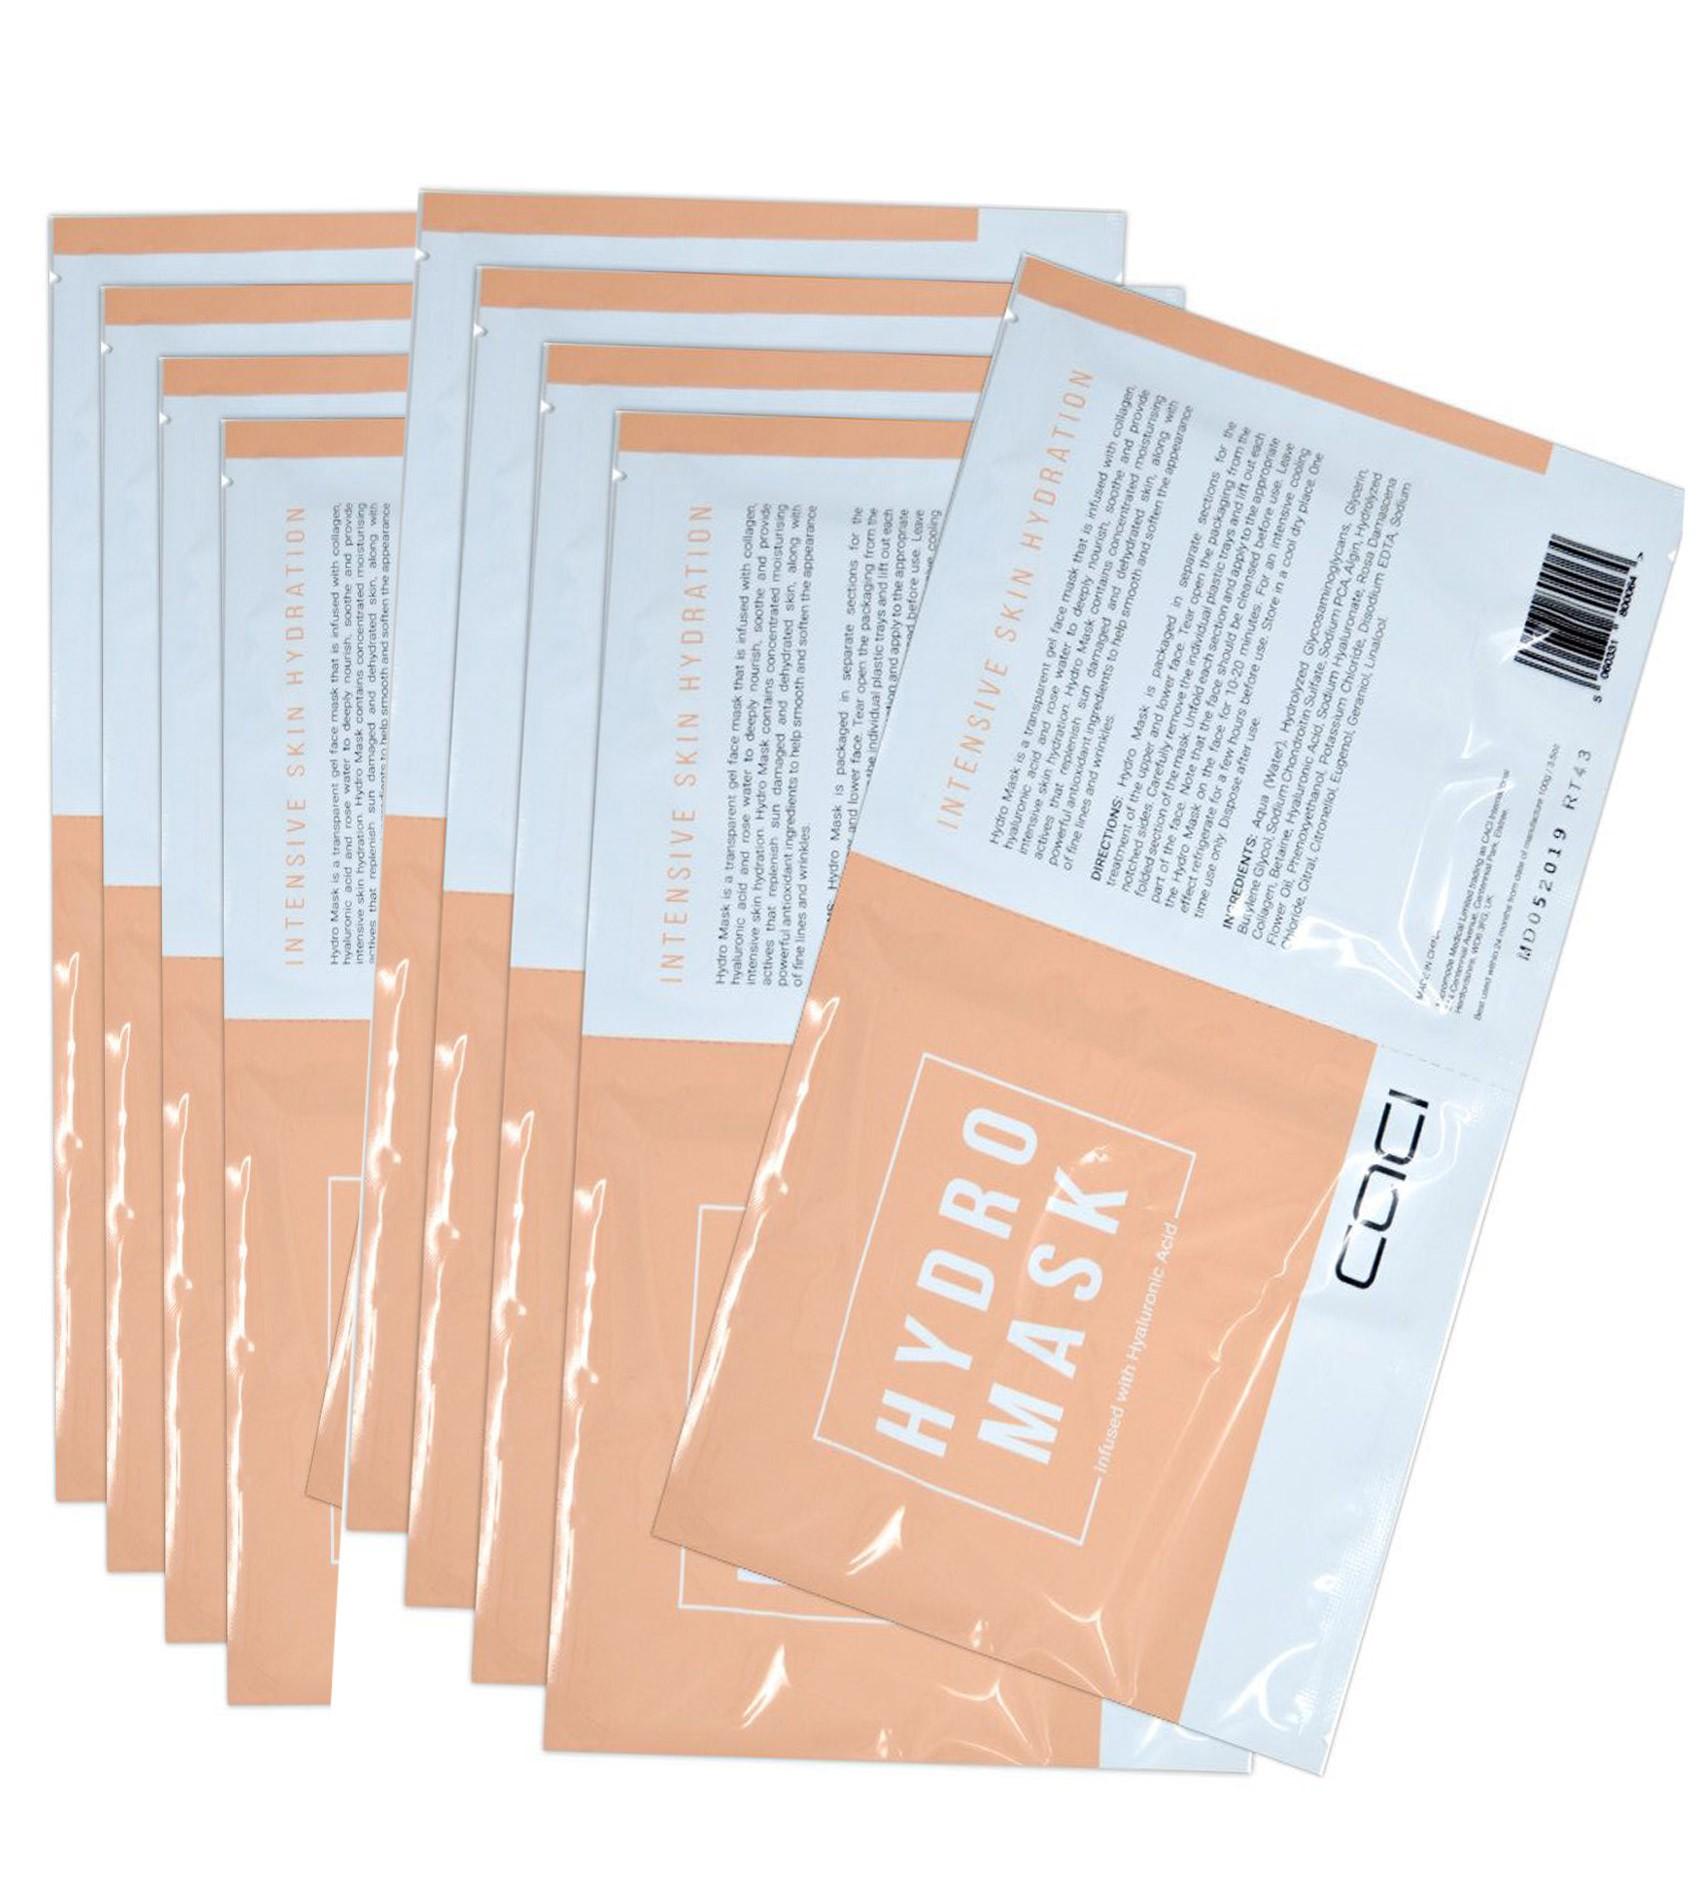 10 x Caci Hydro Masks